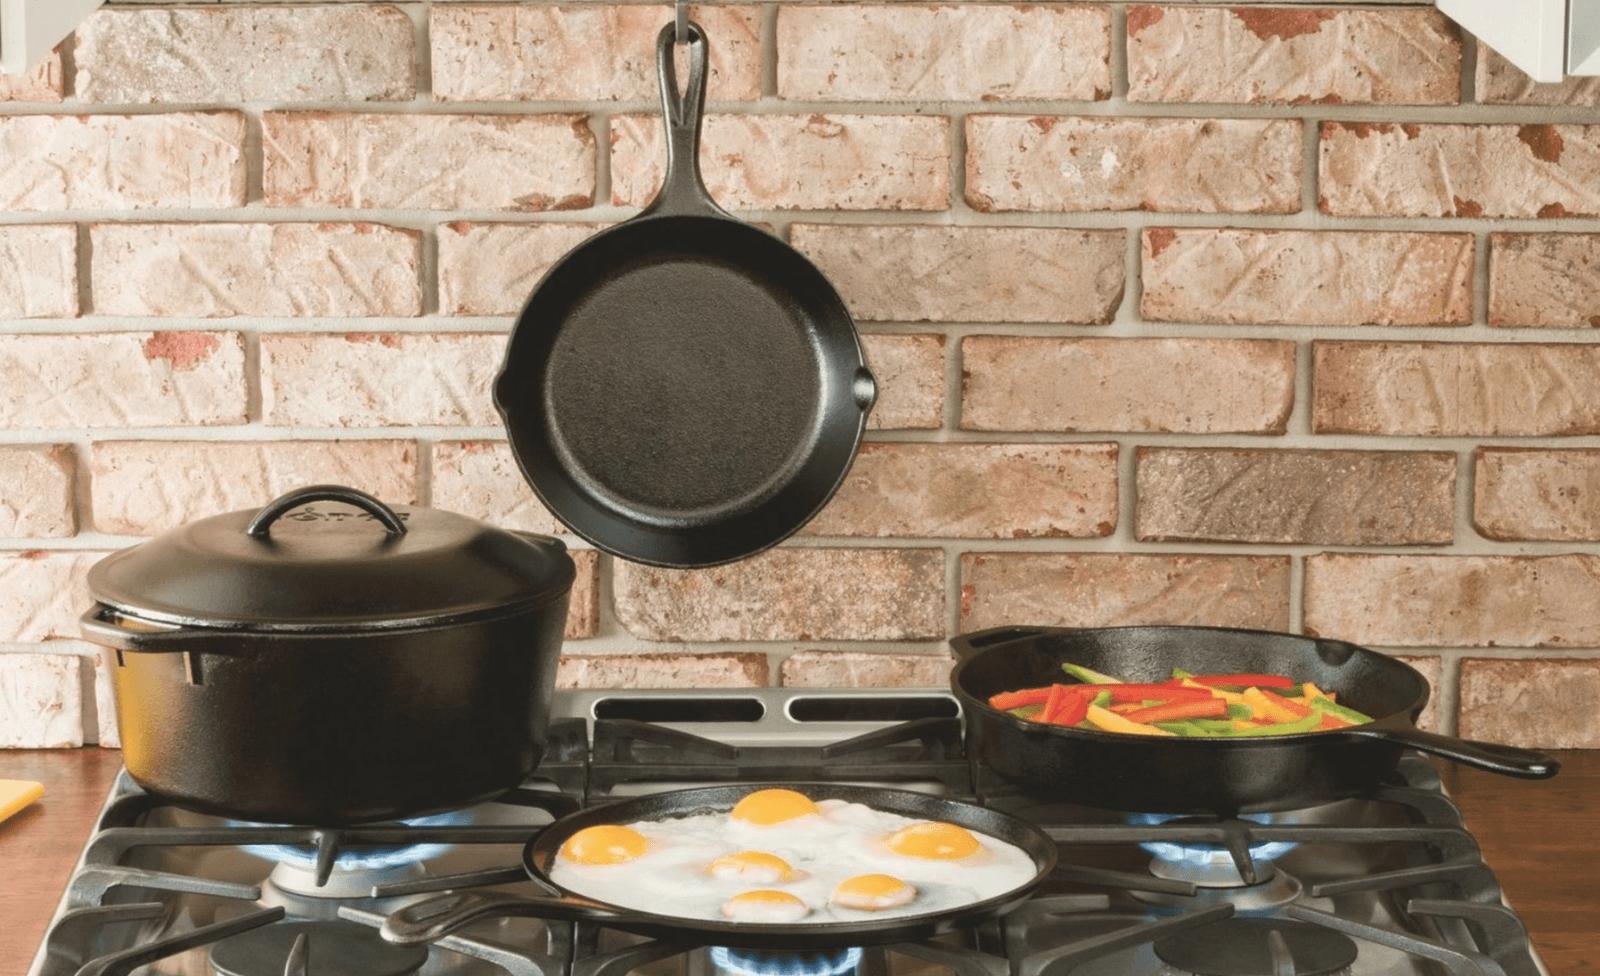 Можно ли мыть посуду из чугуна в посудомойке